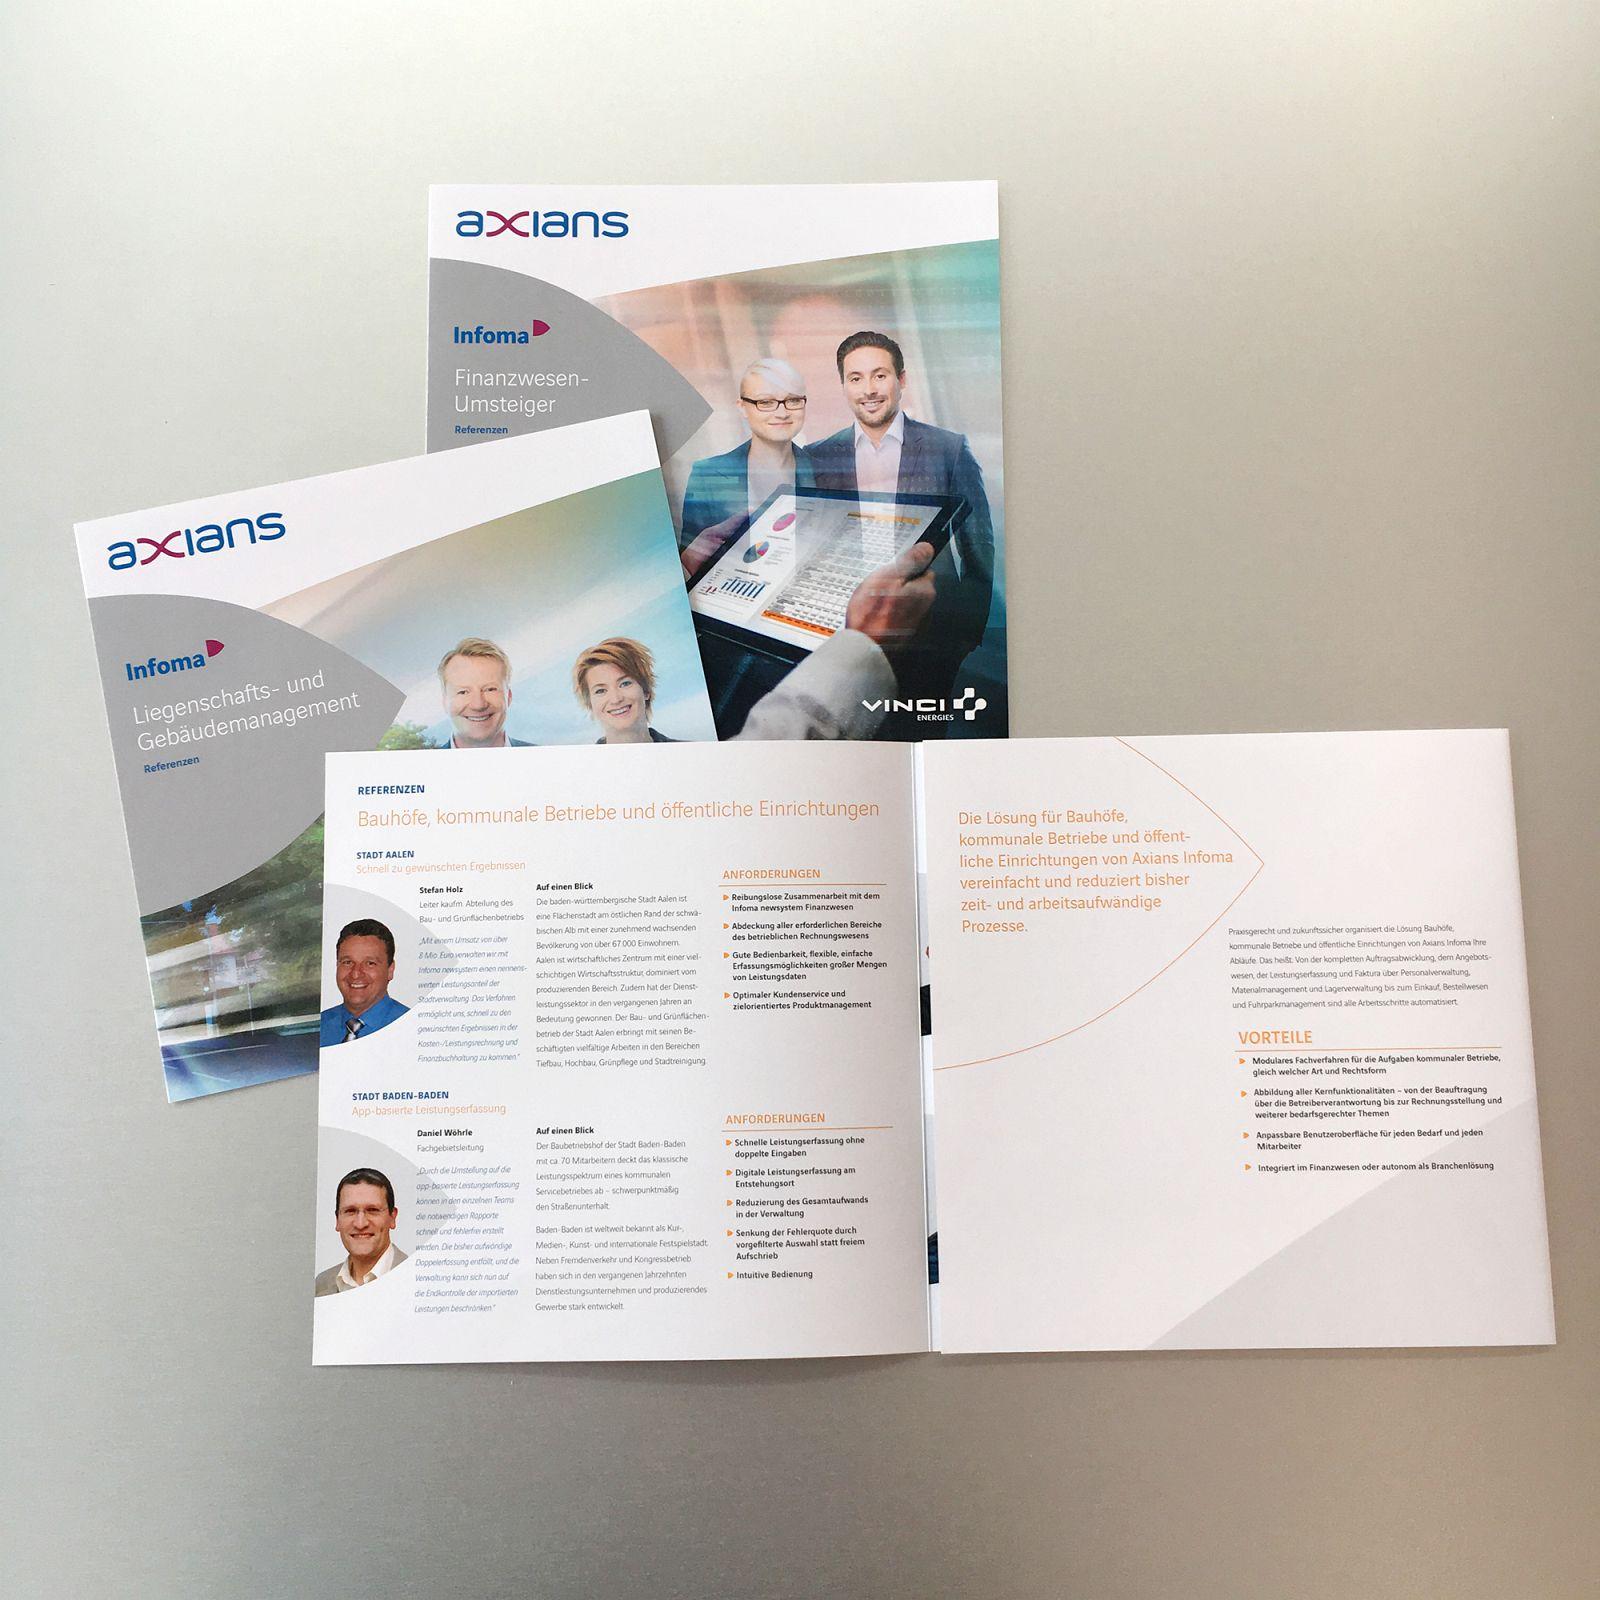 Software-Unternehmen in neuem Gewand - Aus INFOMA wird Axians Infoma GMBH Beispielbild 55_4